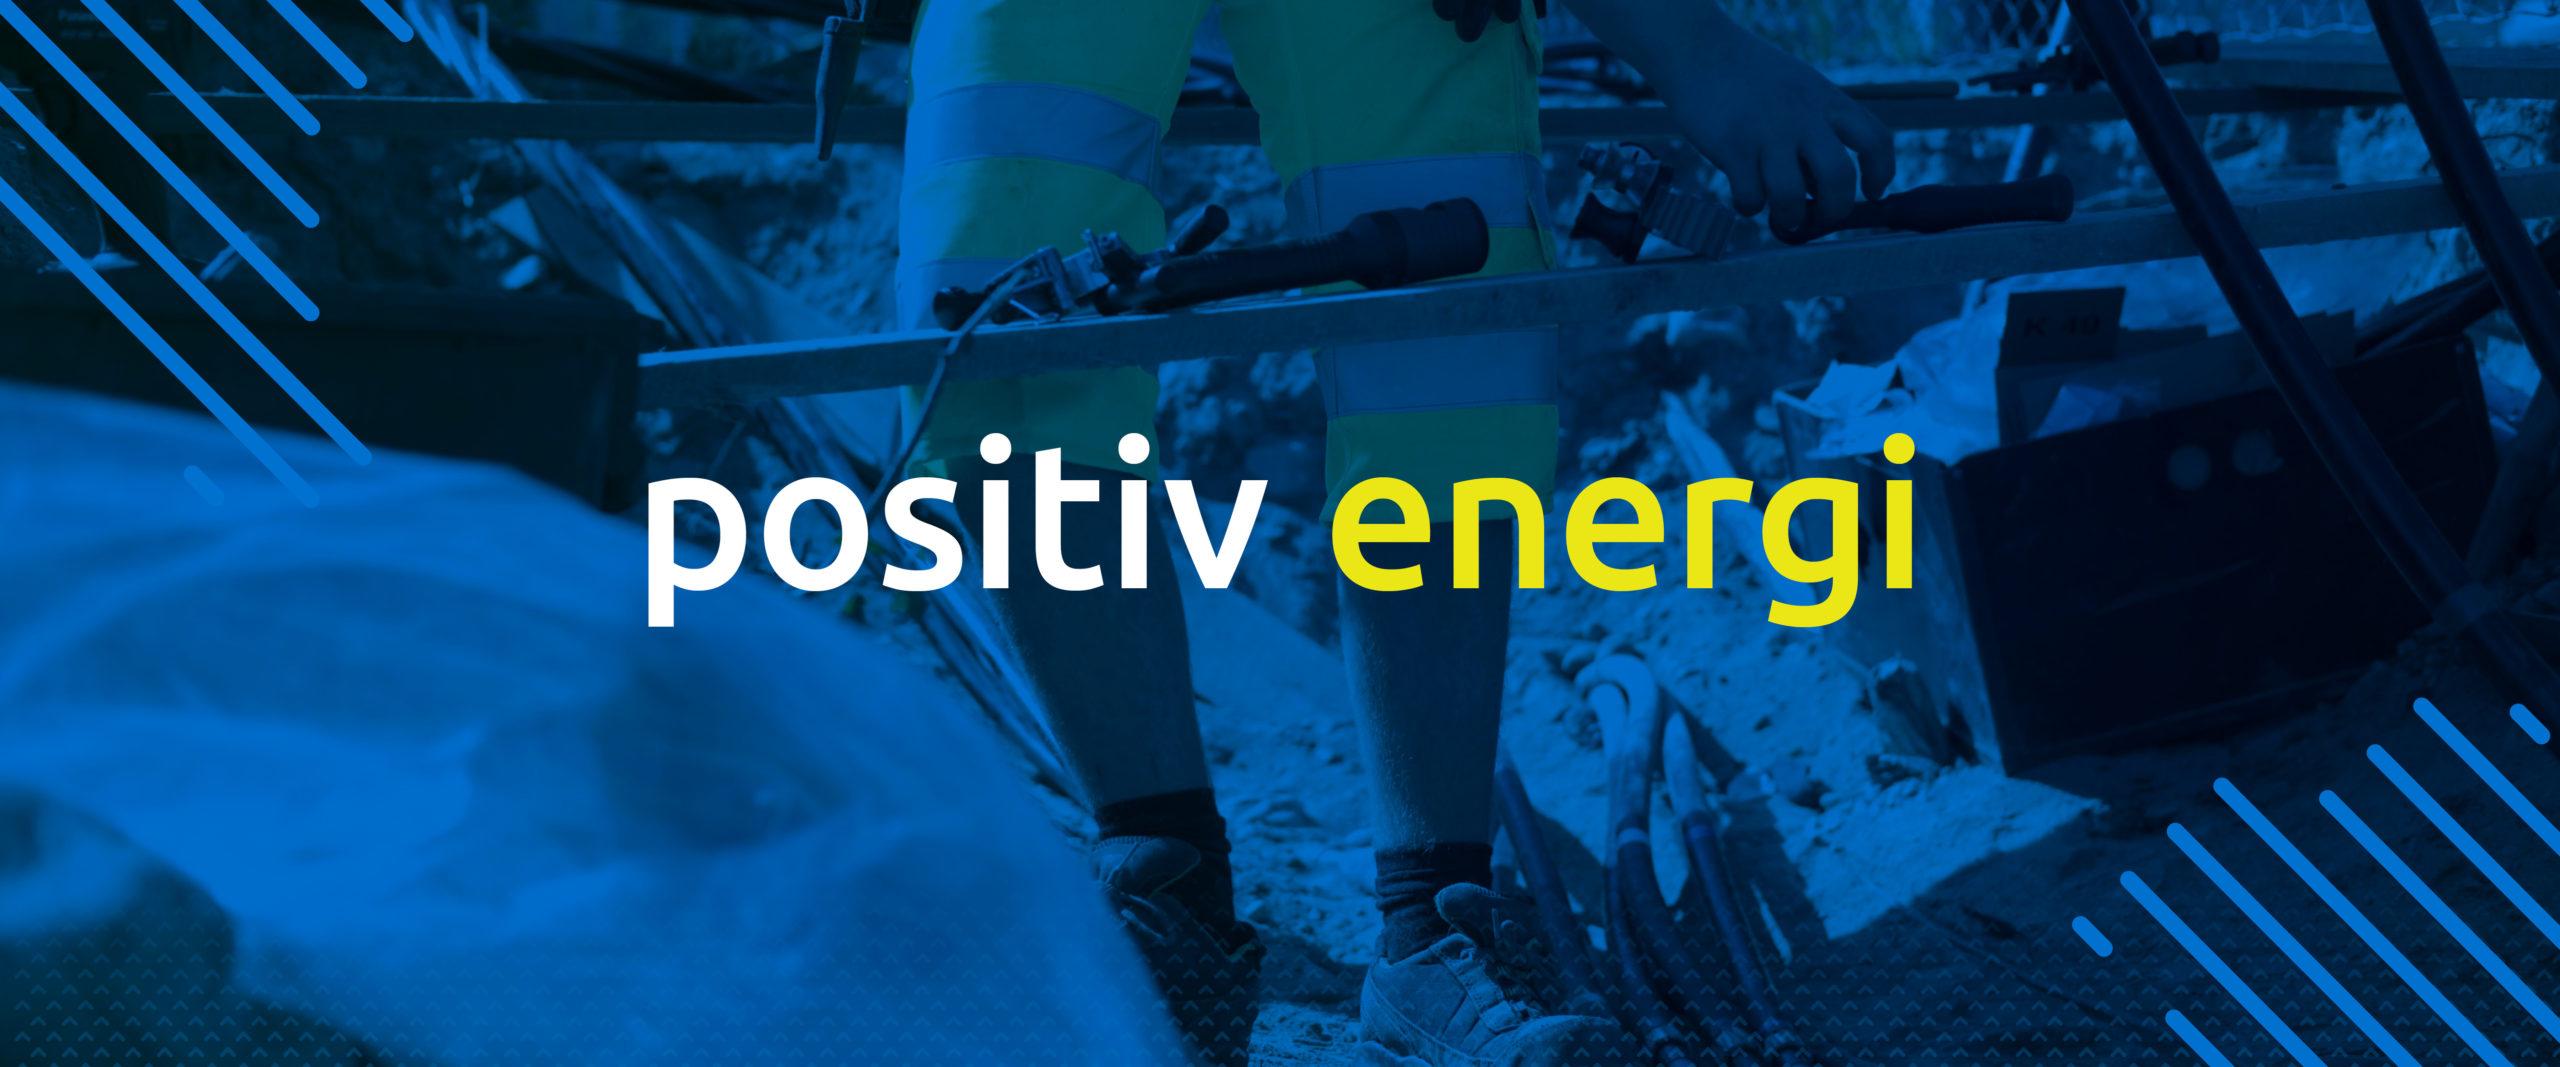 """""""Positiv energi"""" er slagordet til NØK"""